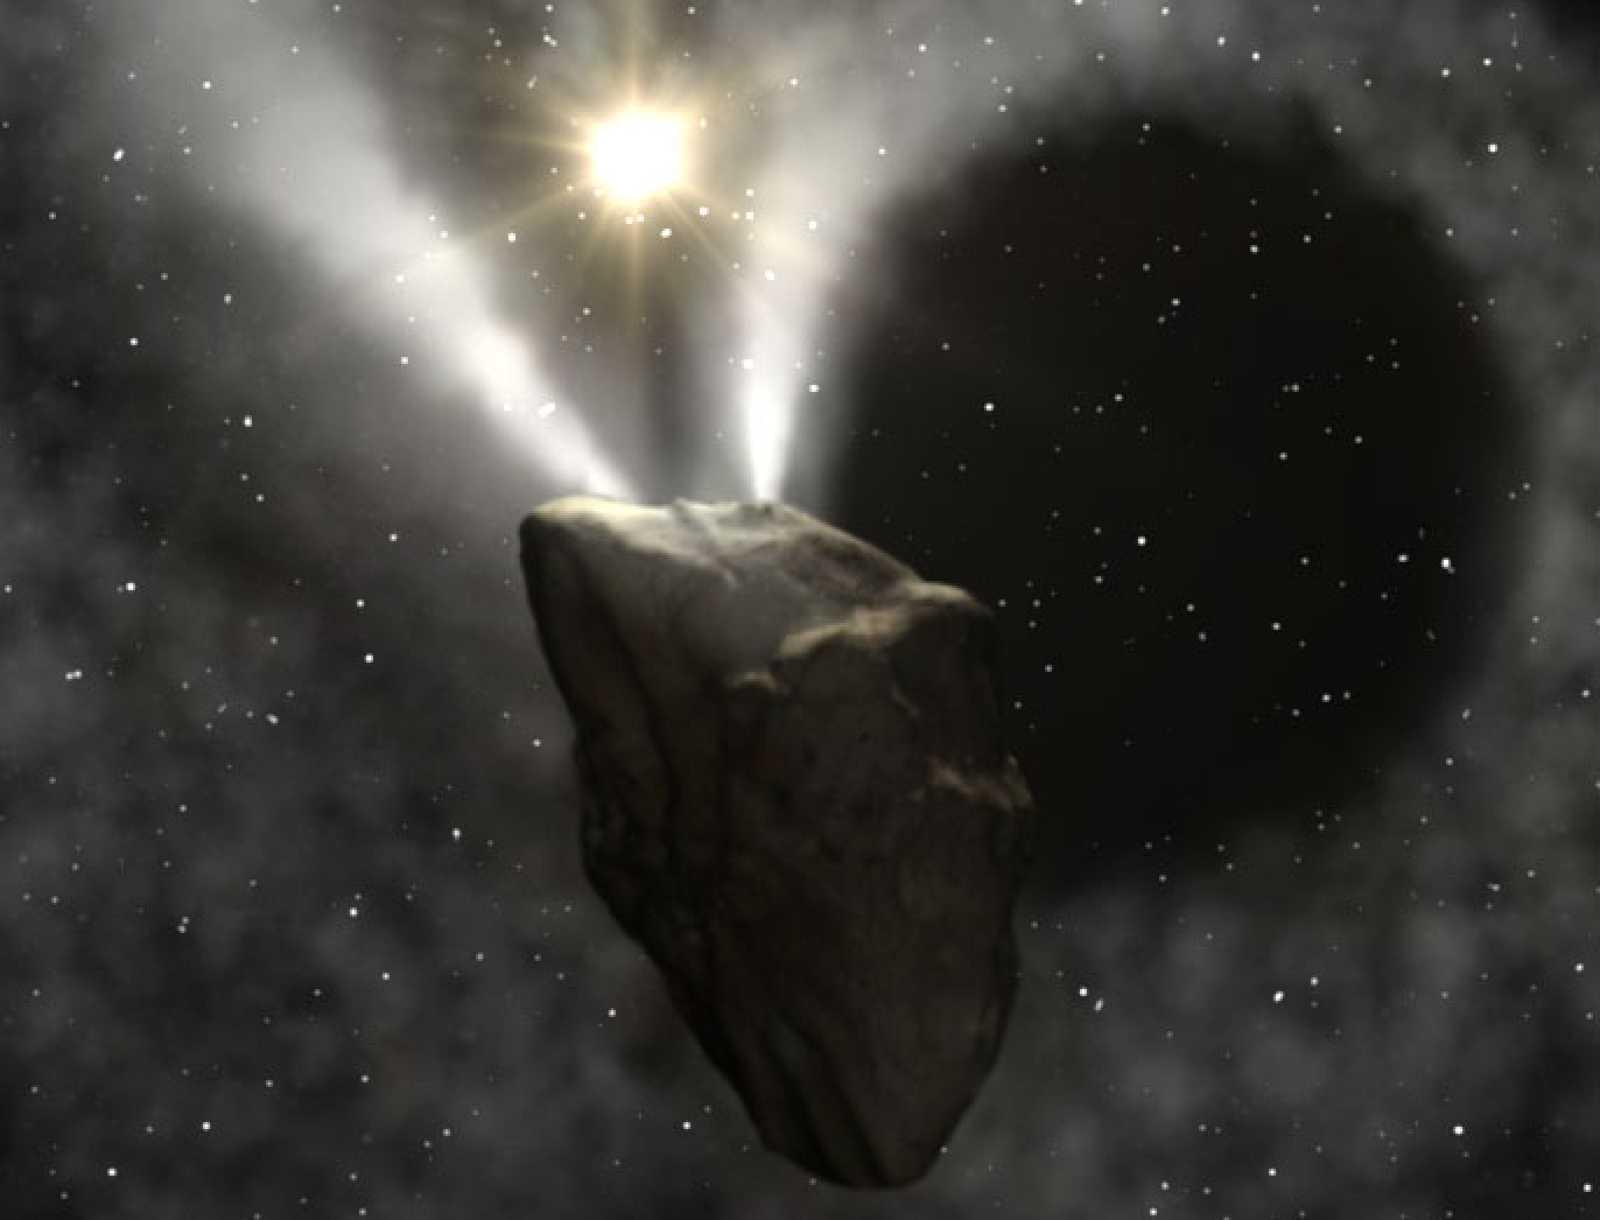 El cometa periódico 29P/Schwassmann-Wachmann 1, ubicado entre Júpiter y Saturno y con una órbita casi circular alrededor del Sol